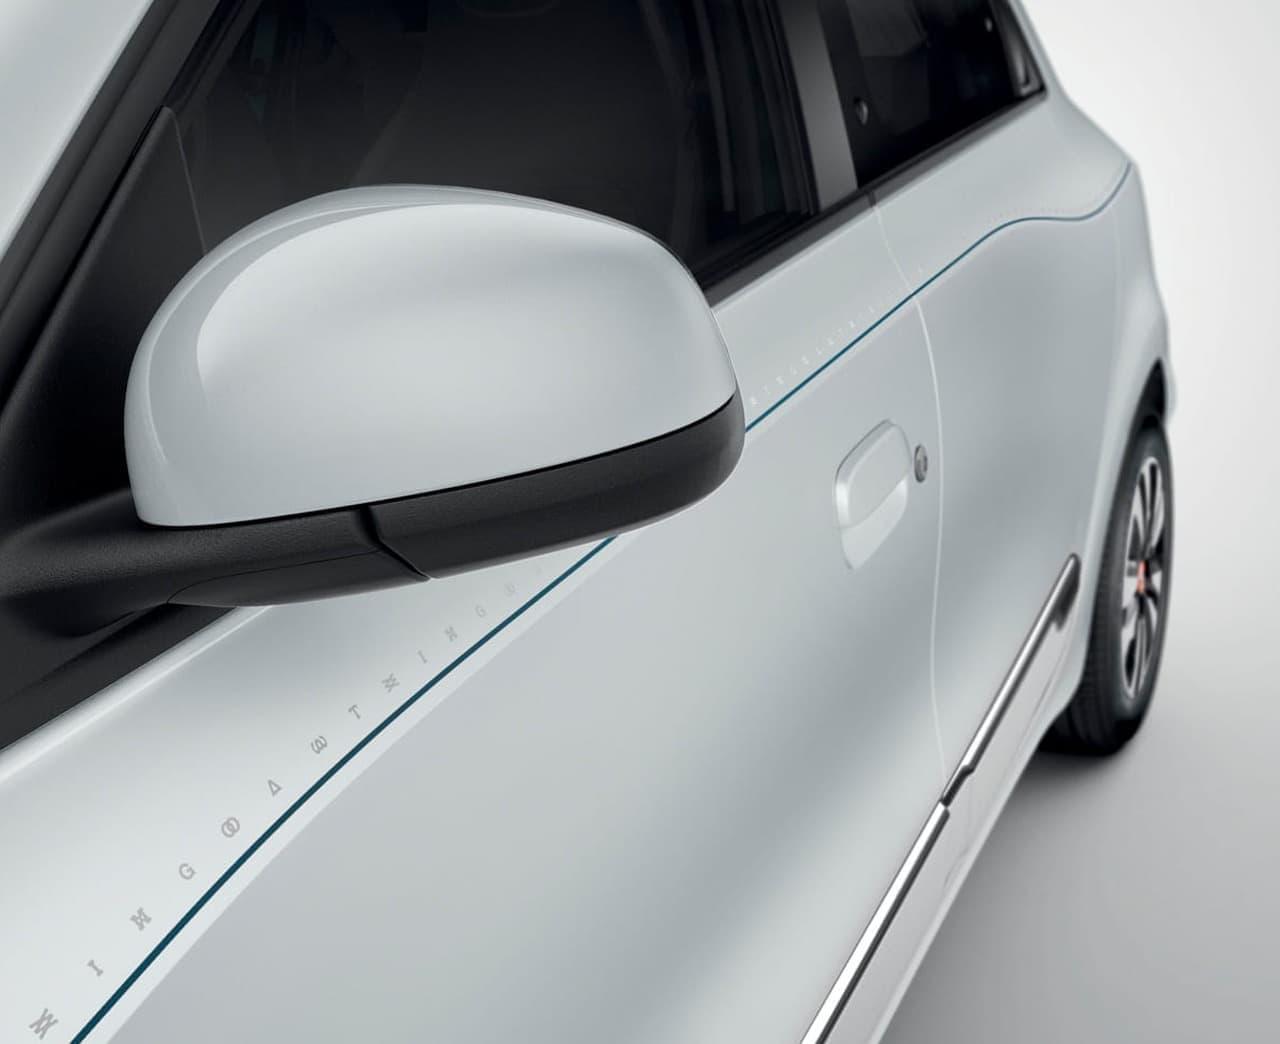 ルノー「トゥインゴ 」の特別仕様車「シグネチャー」に新色ブラン クオーツM追加